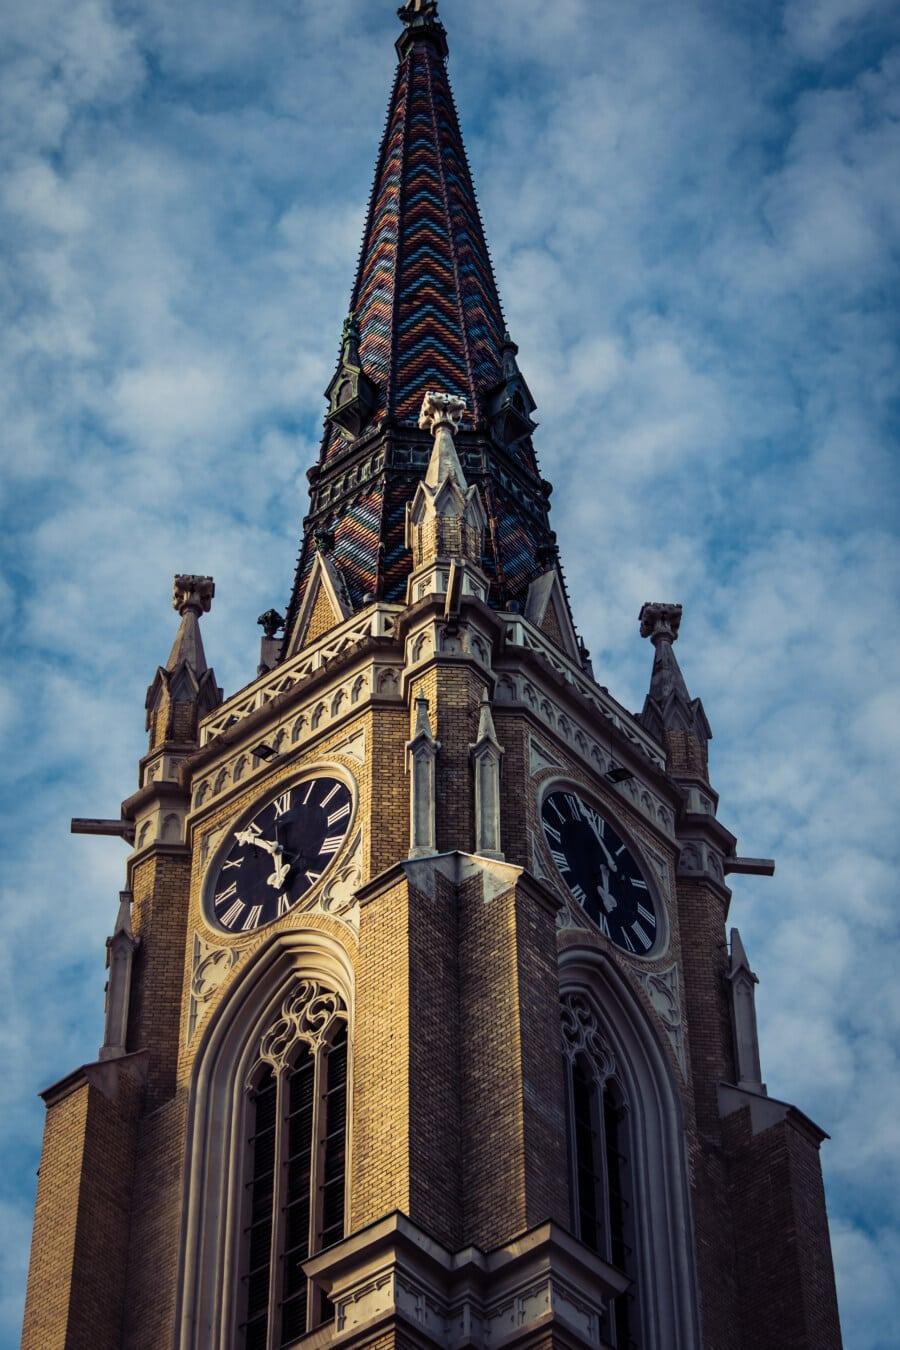 Wasserspeier, kathedrale, architektonischen Stil, gotisch, viktorianischen, Architektur, Kirche, Turm, Gebäude, Wahrzeichen